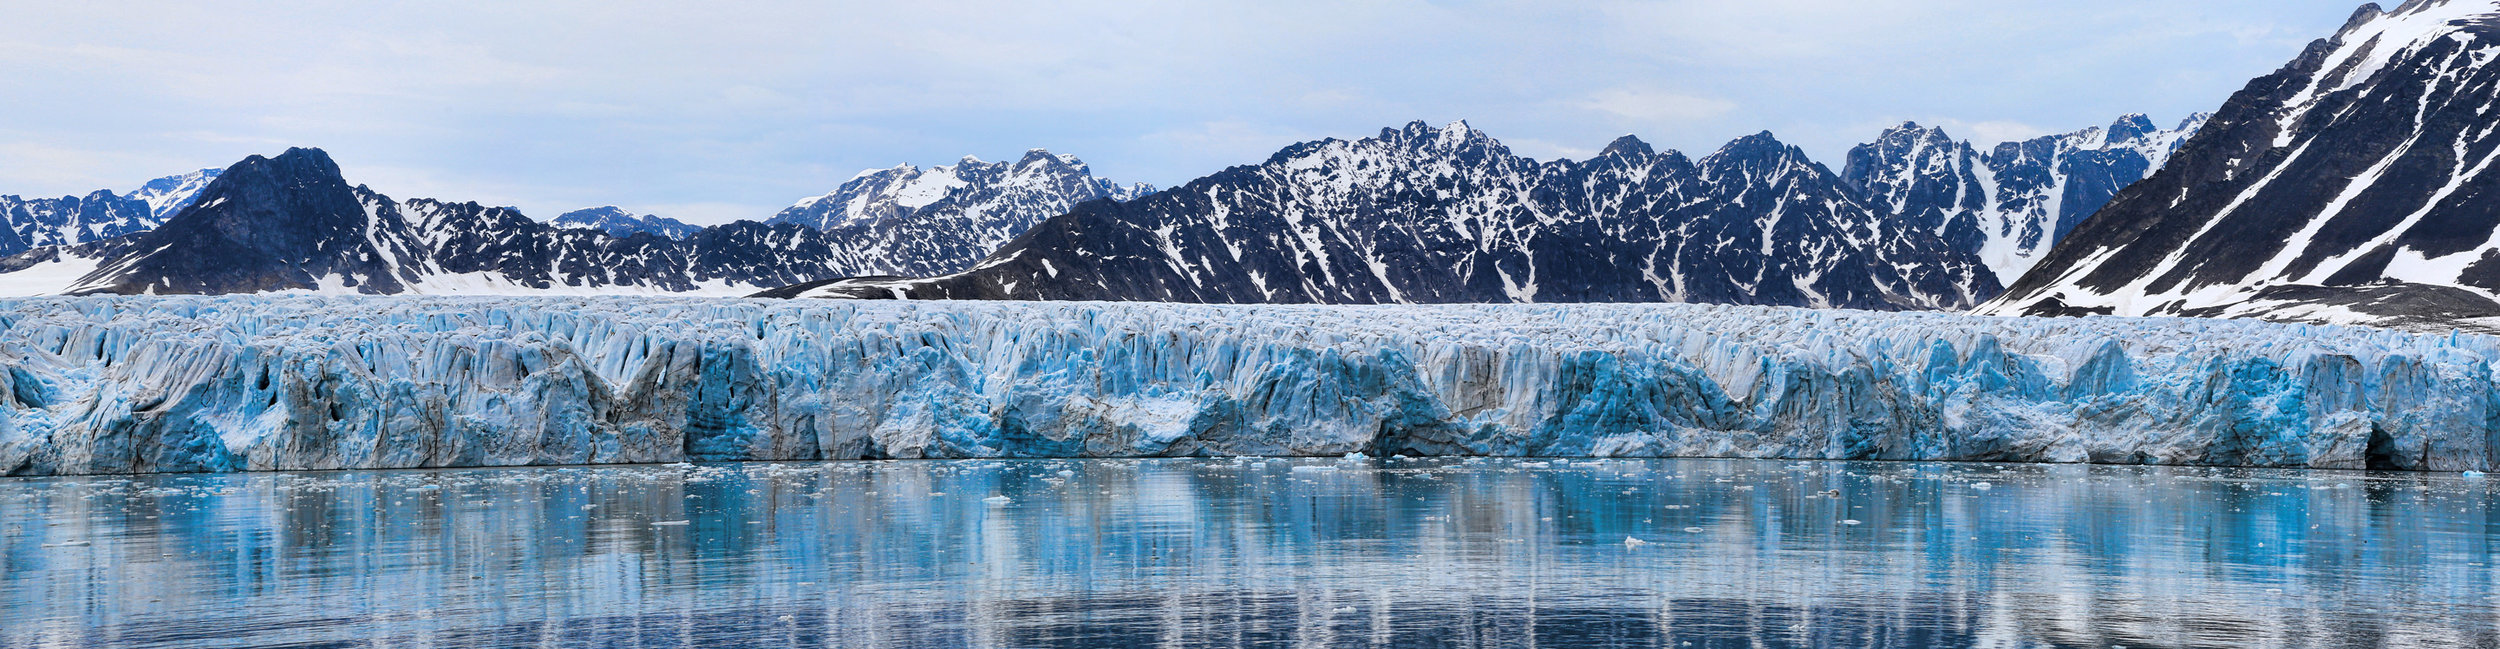 Calving front of Lilliehöökbreen glacier